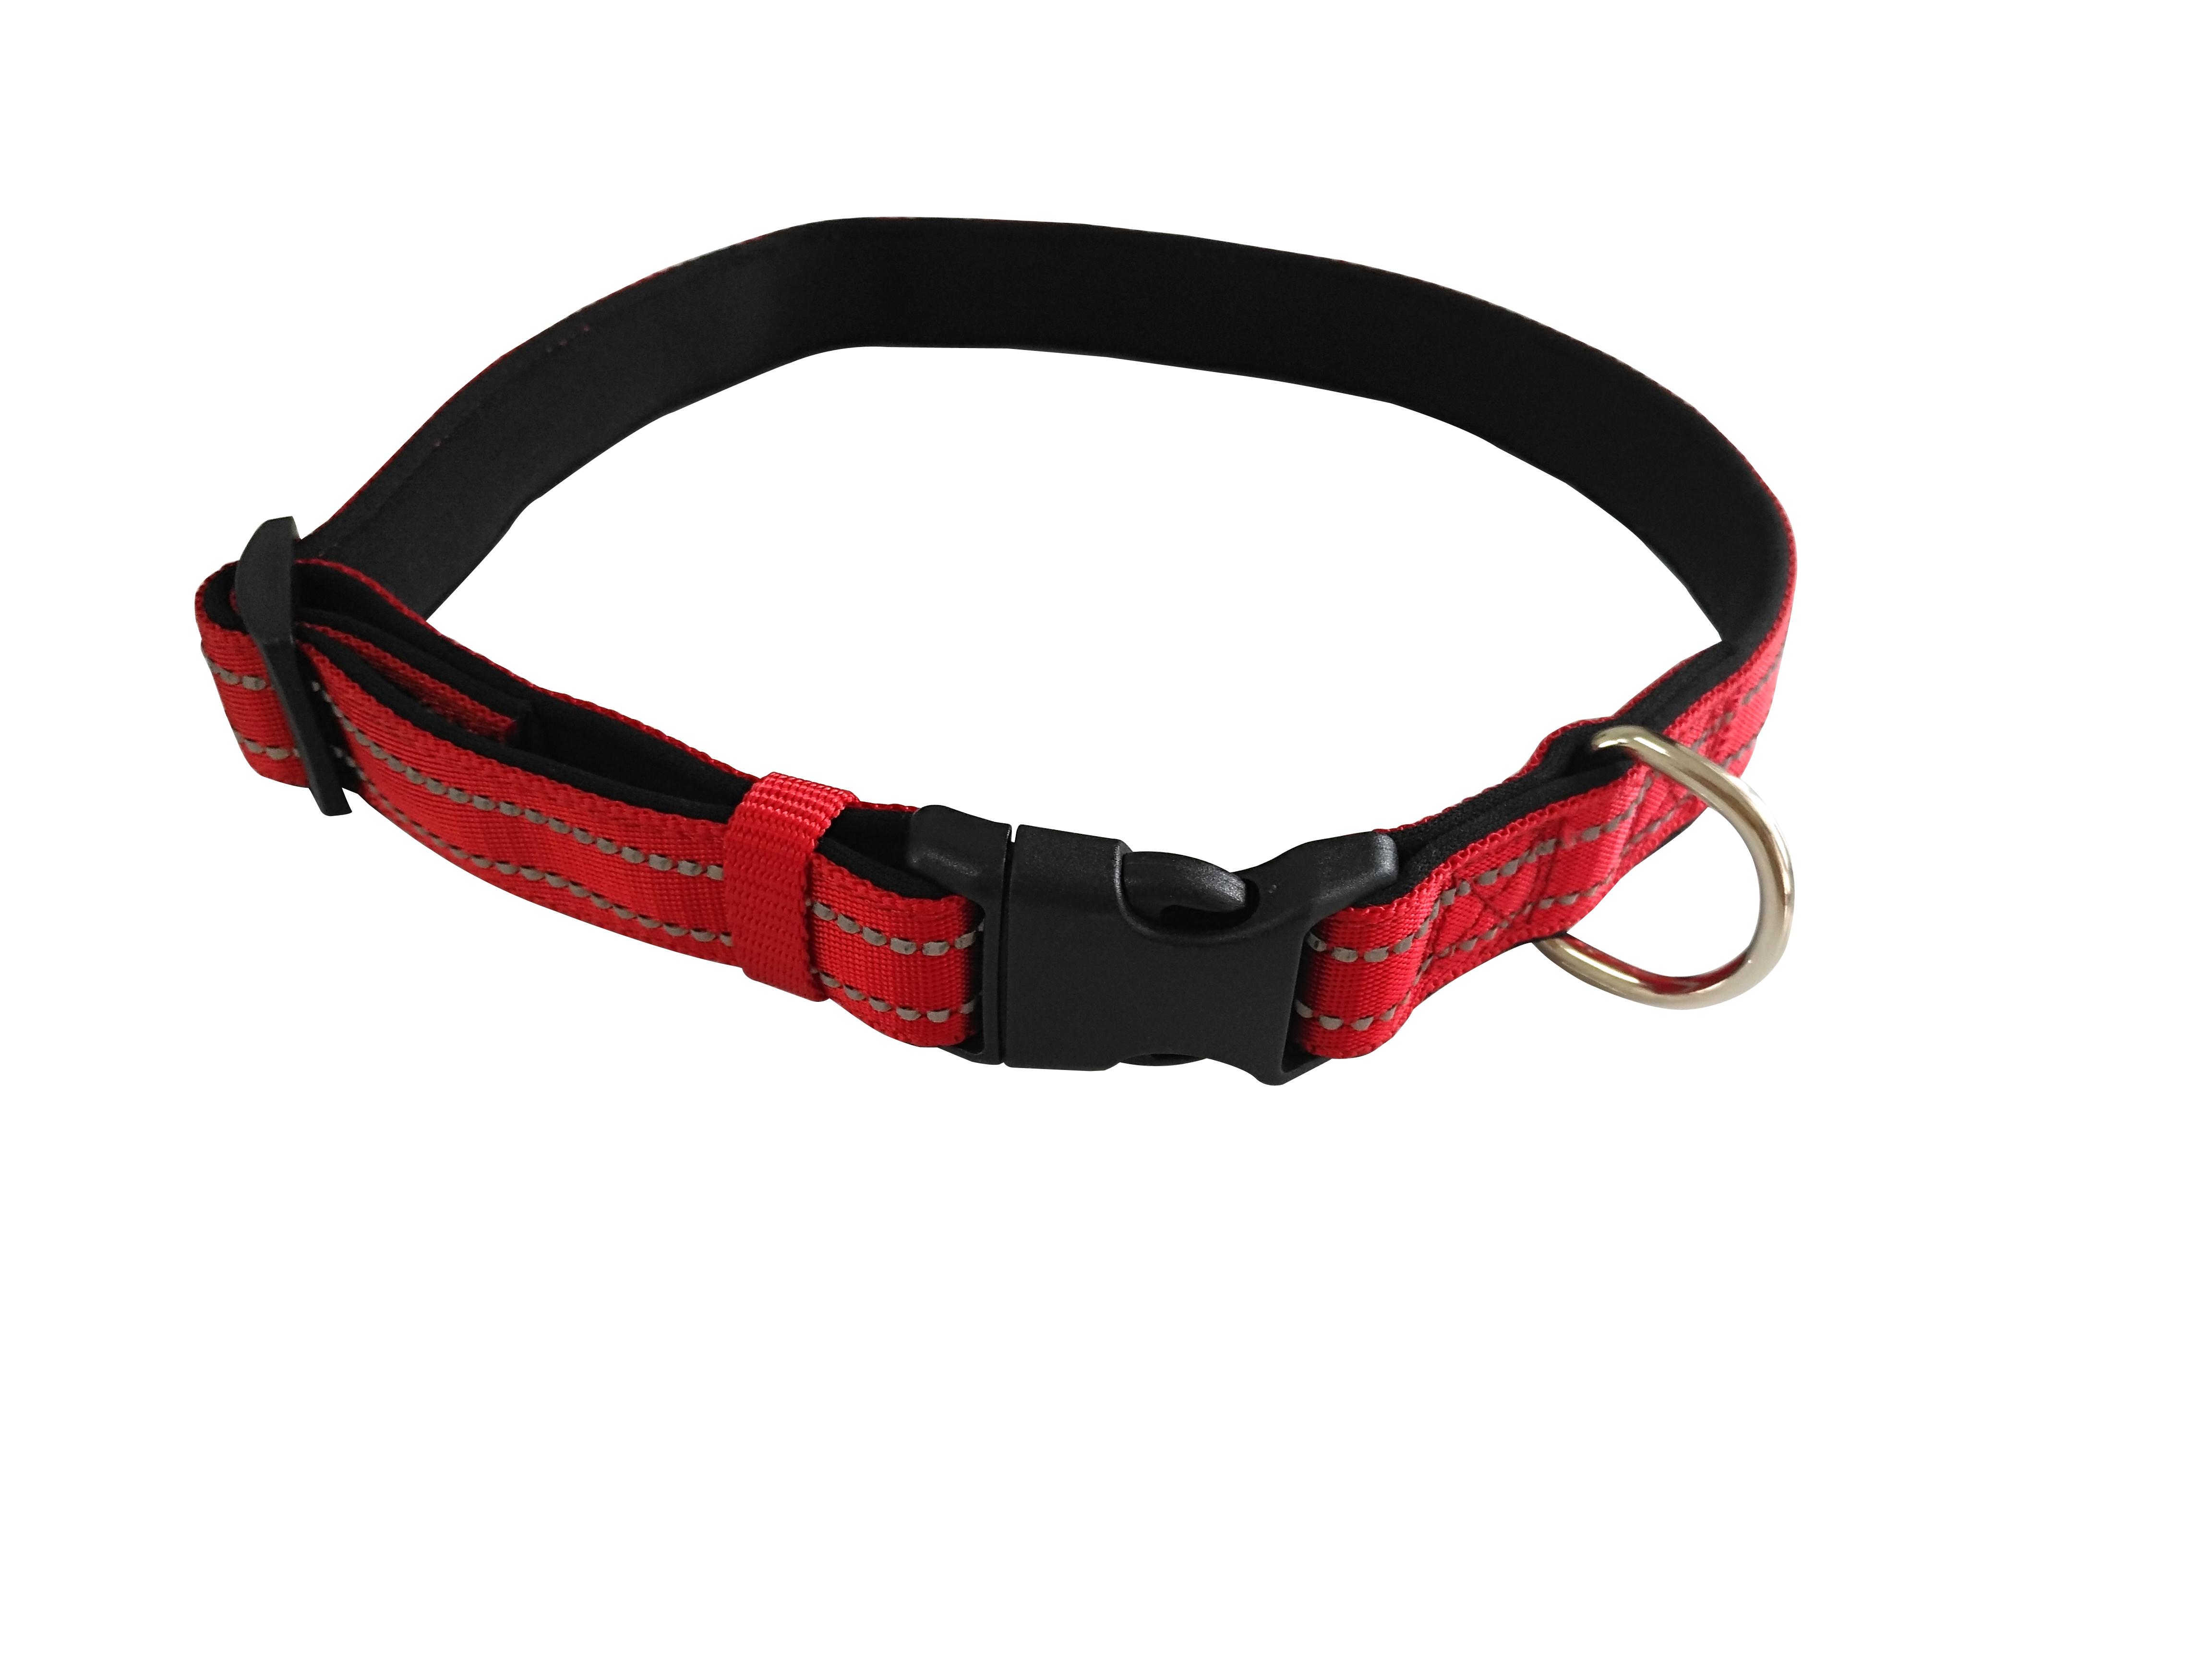 Reflective silk dog collar